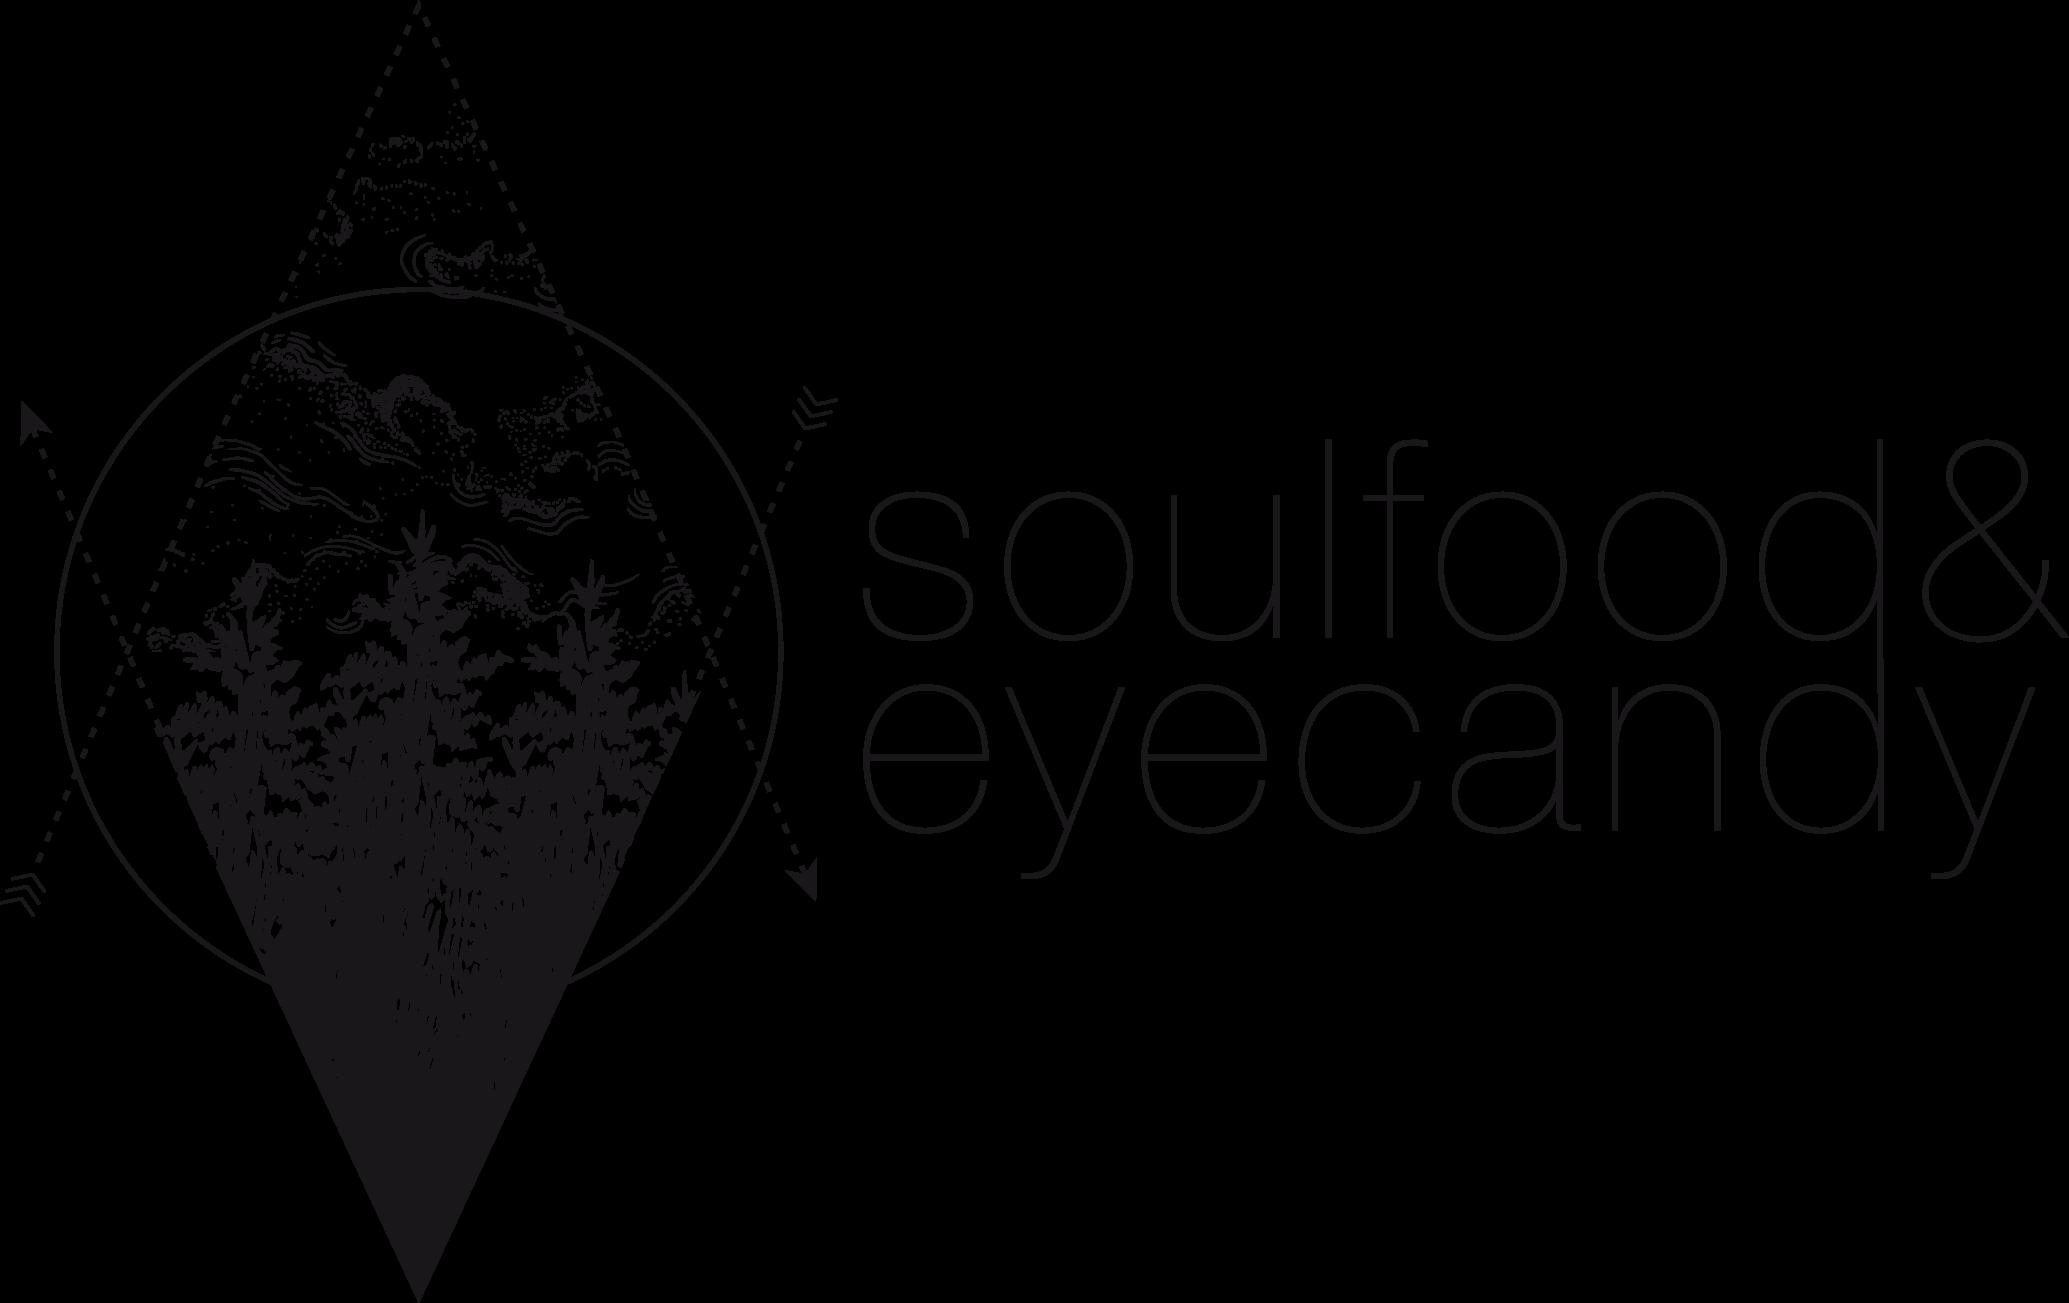 soulfood & eyecandy